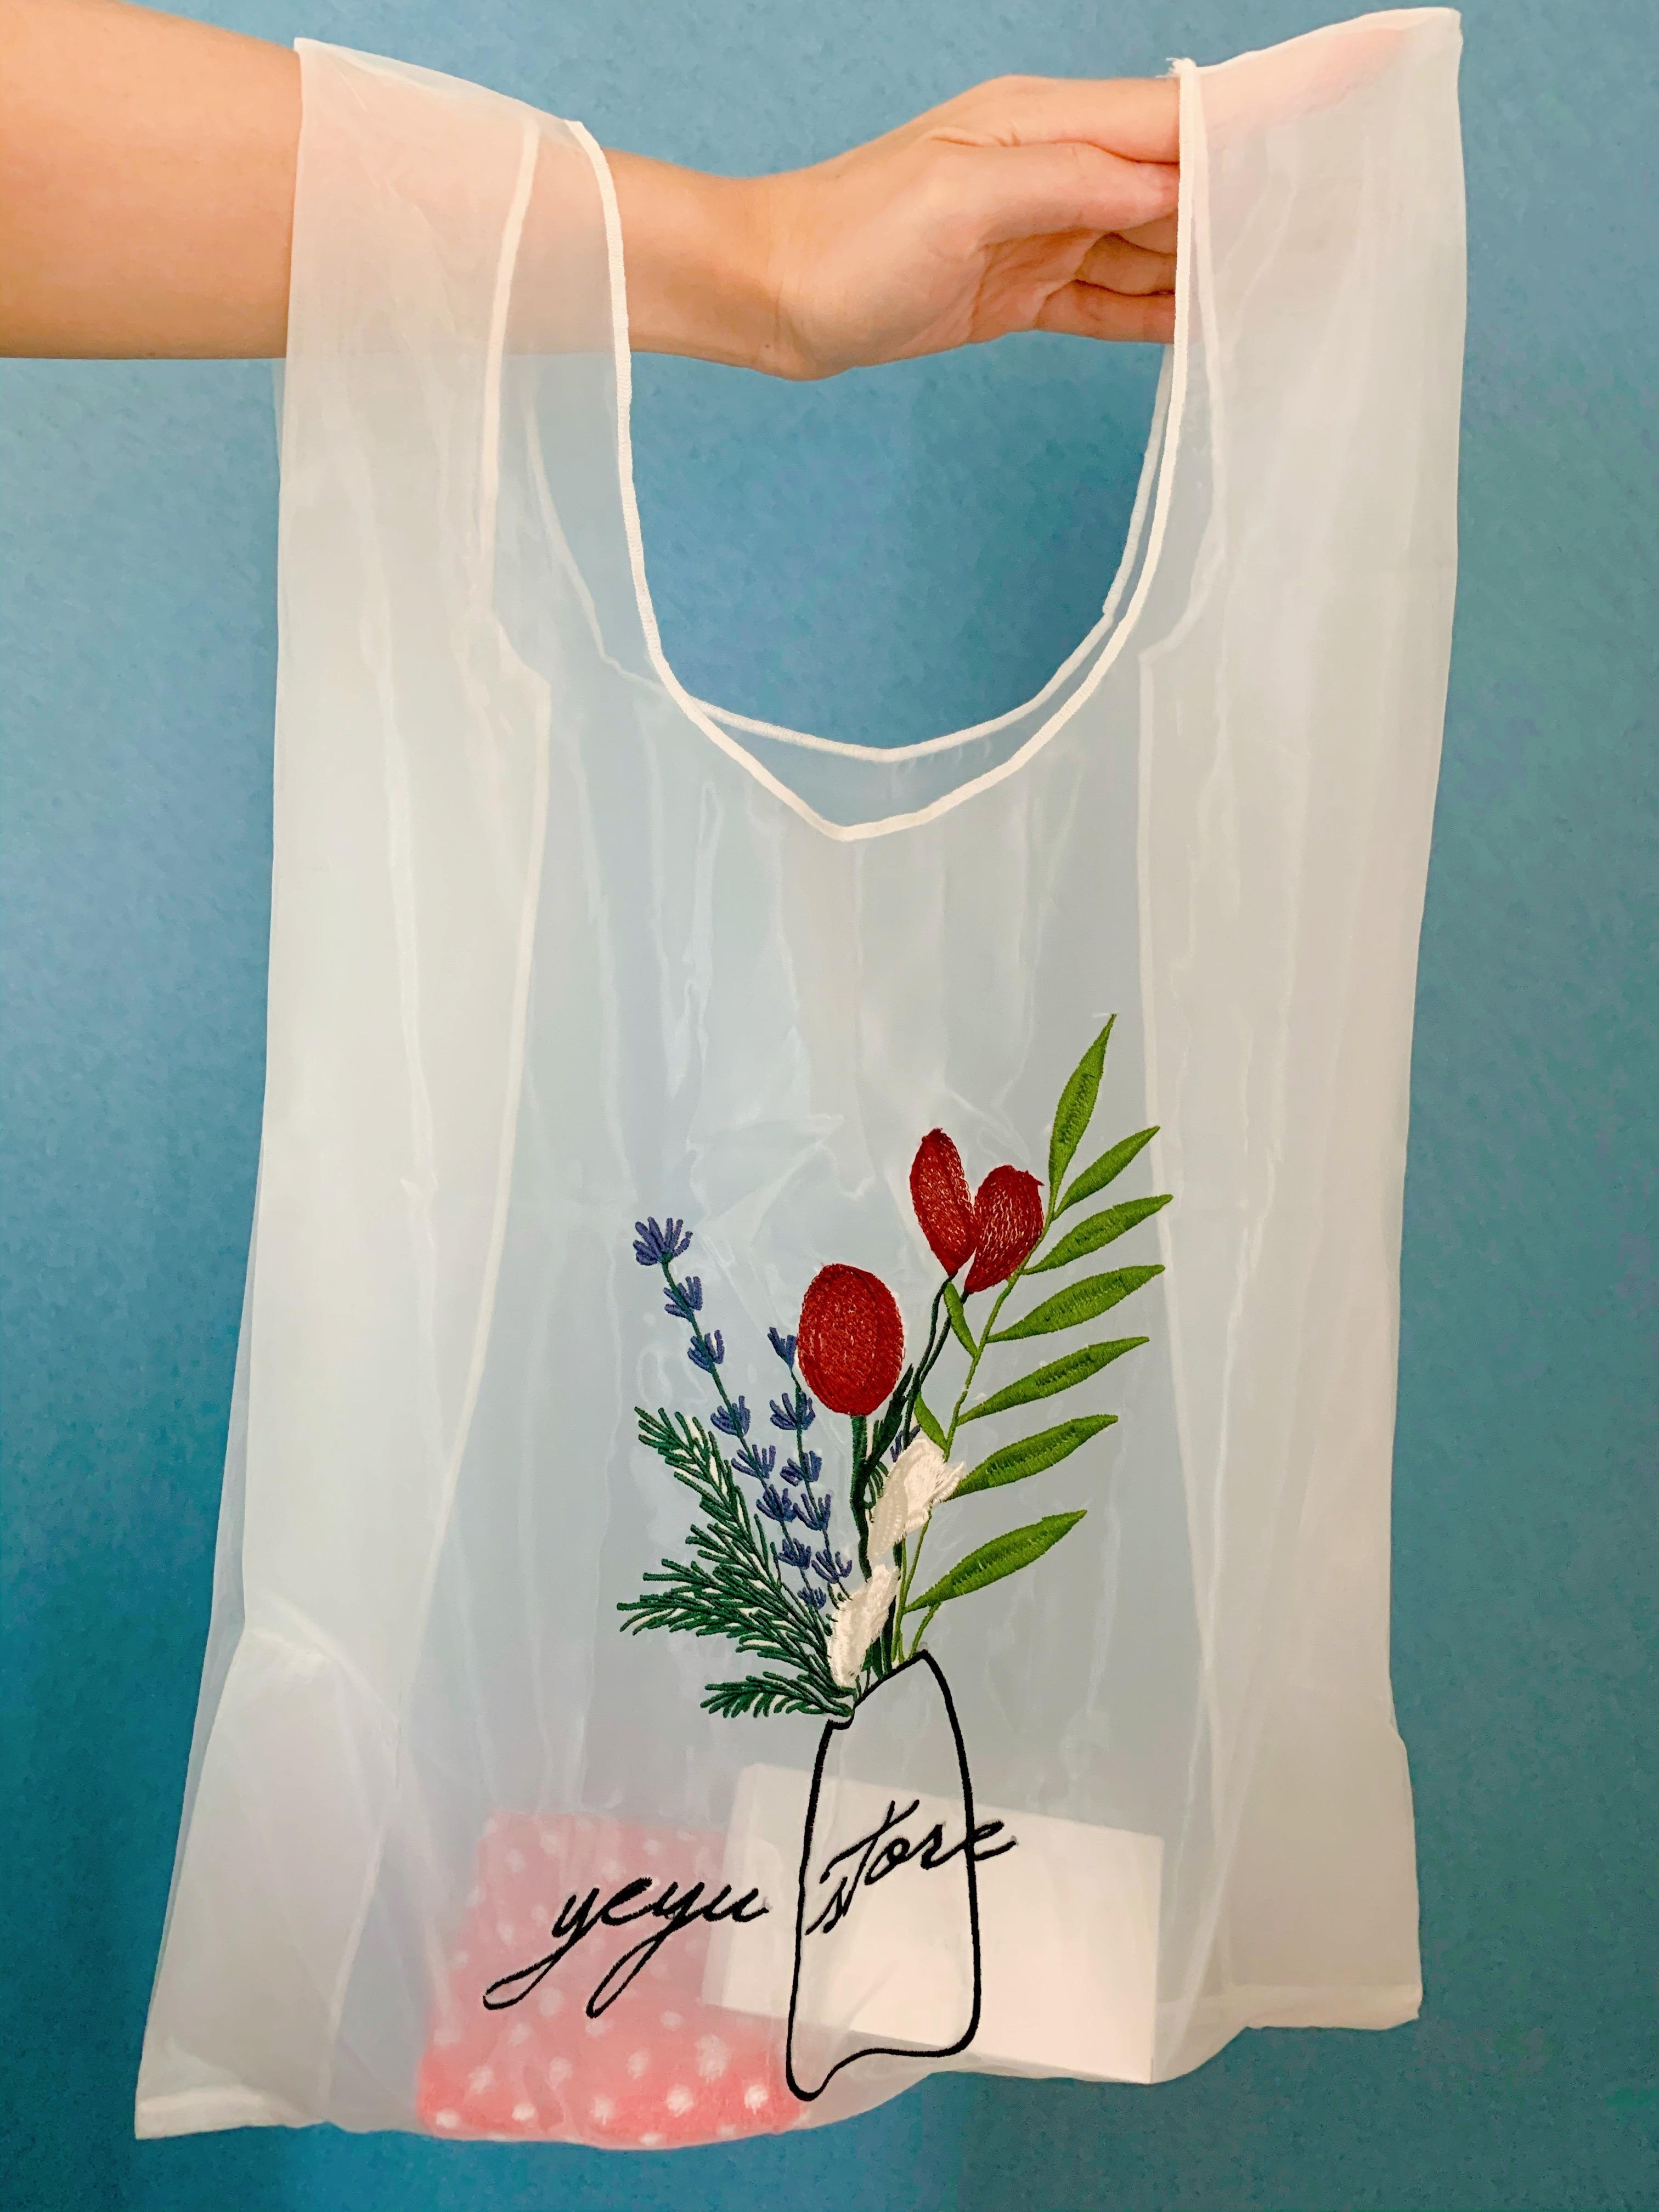 【エコバッグ】《フラワー刺繍×シースルー》が可愛い韓国のエコバッグ♡_3